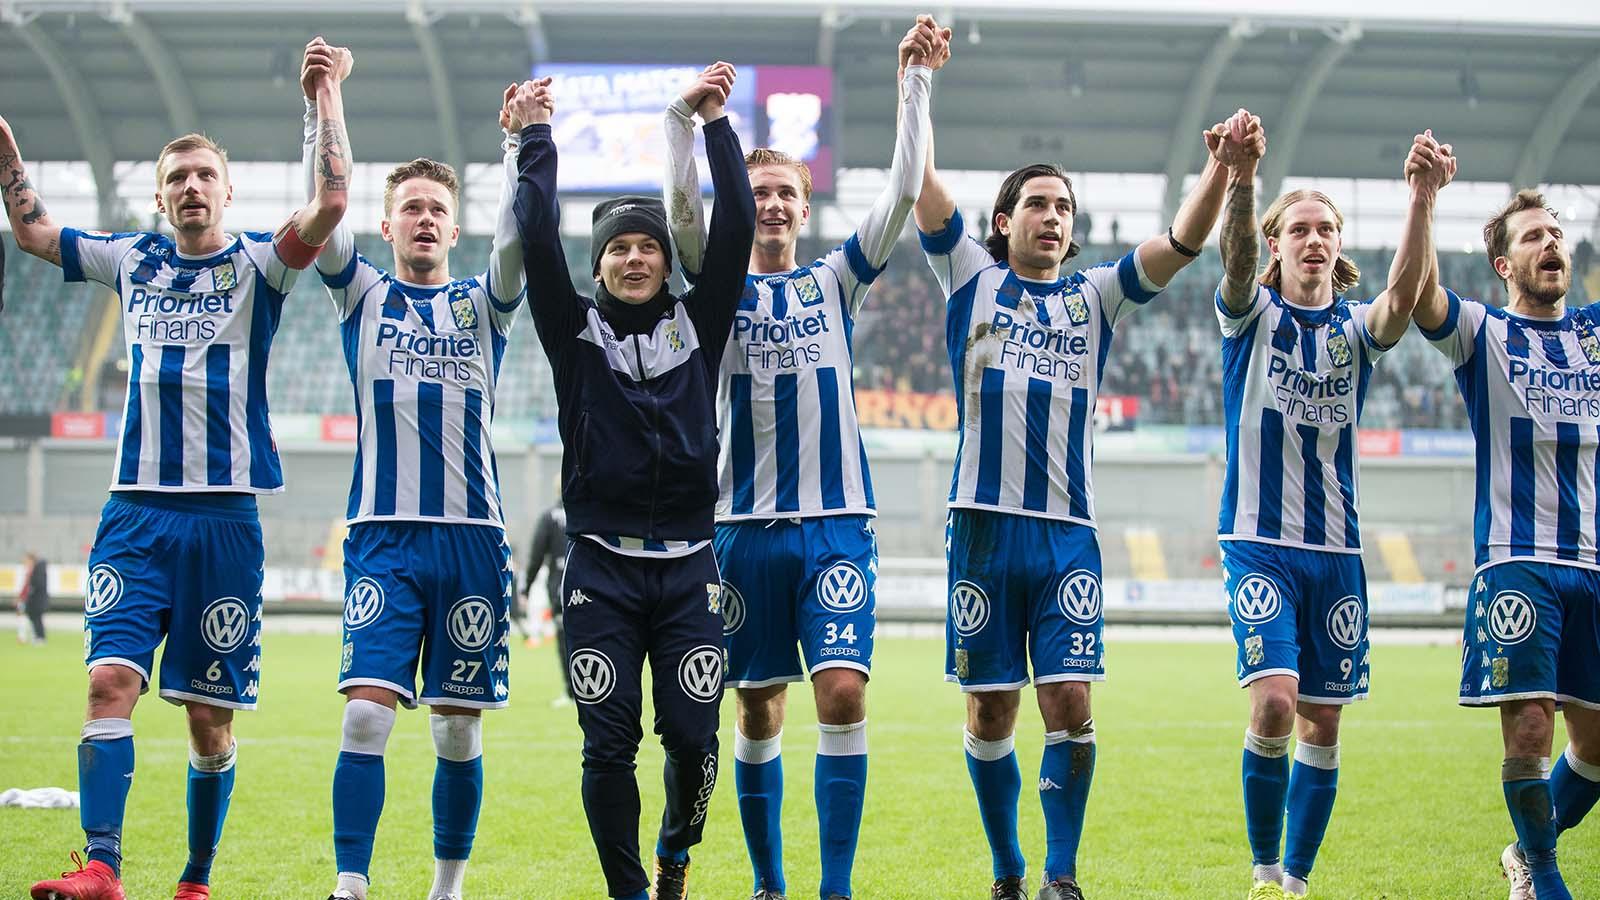 180324 IFK Göteborg tackar klacken efter en träningsmatch i fotboll mellan IFK Göteborg och Örgryte den 24 mars 2018 i Göteborg. Foto: Michael Erichsen / BILDBYRÅN / Cop 89